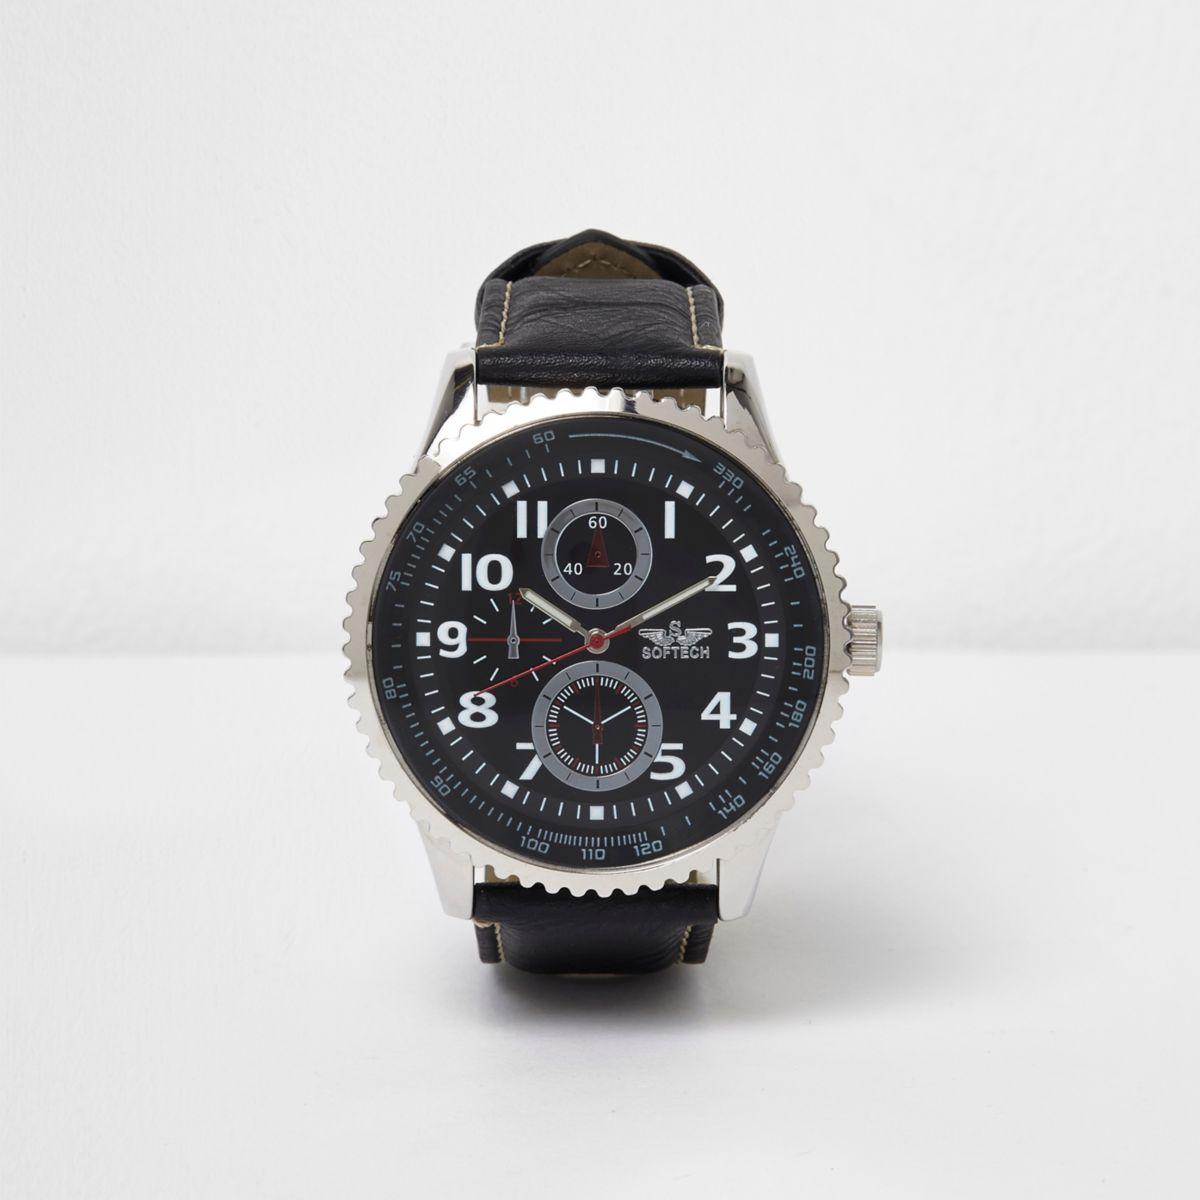 Black silver tone bezel watch